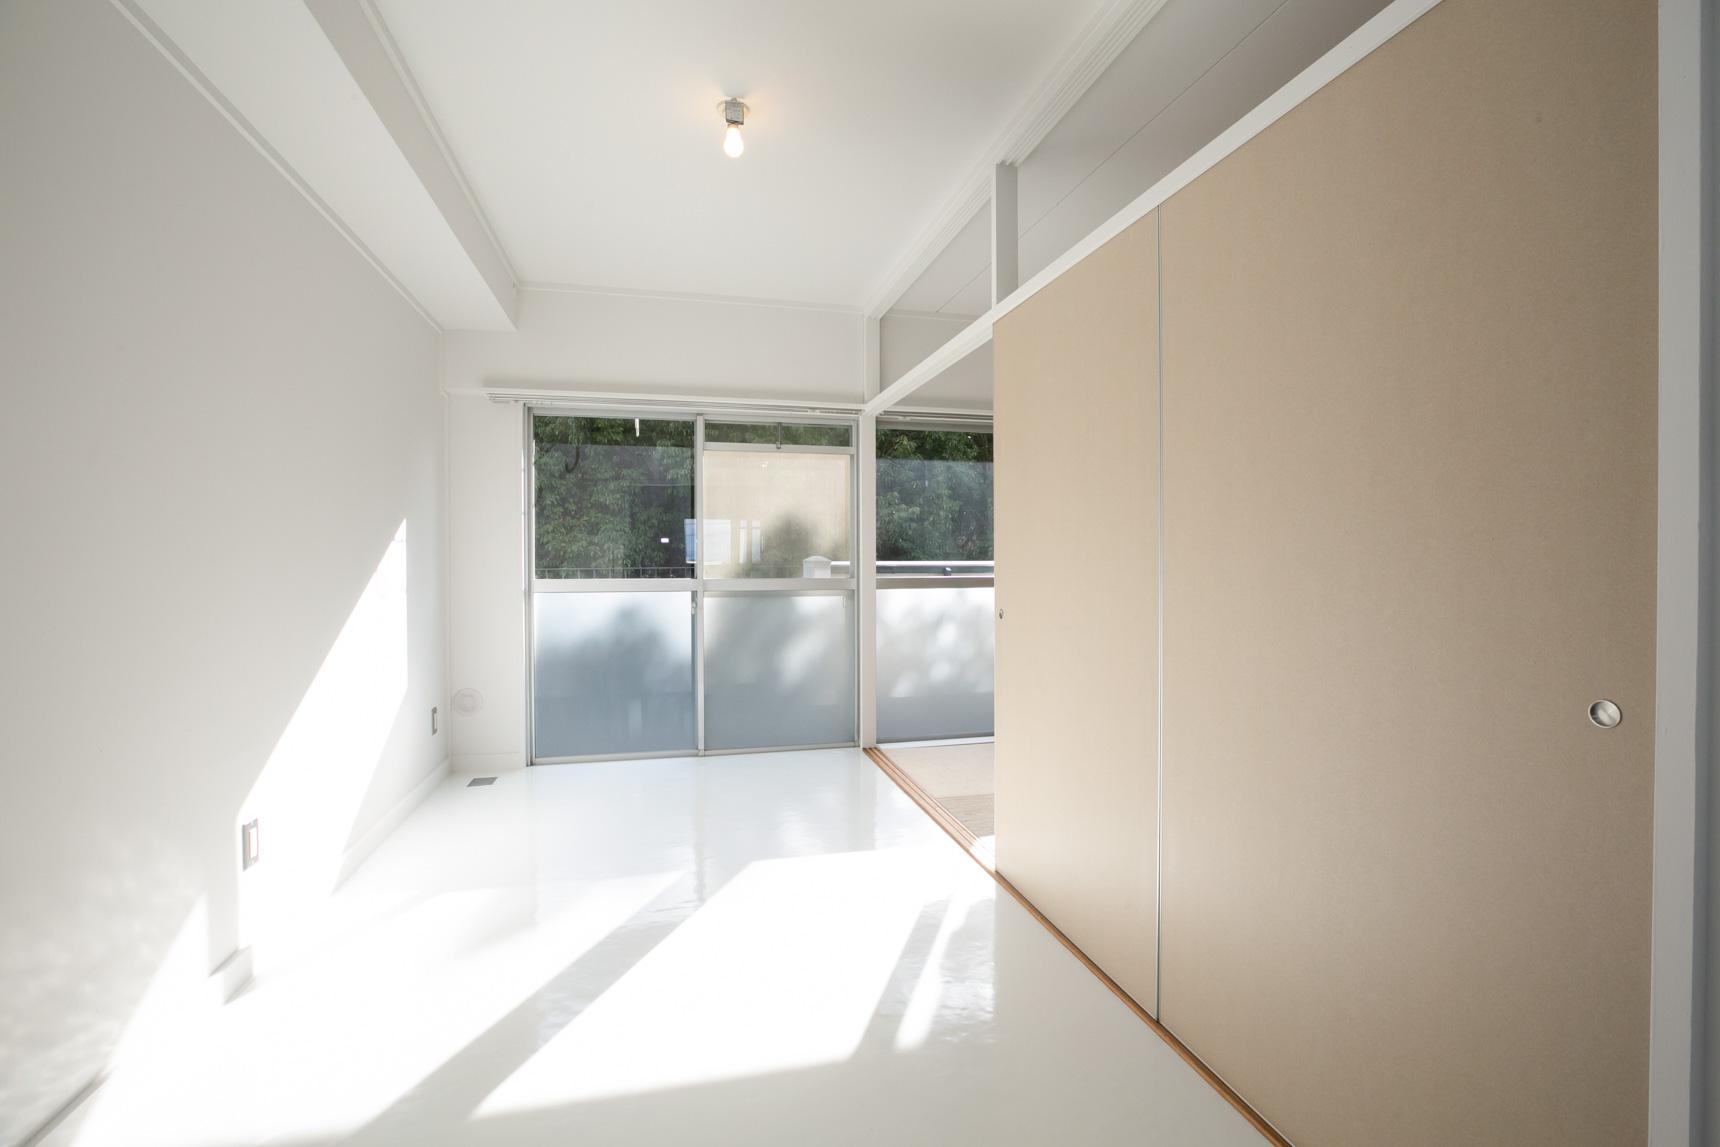 南側の畳の部屋との間には、段ボールふすま。一人でも簡単に取り外し、持ち運べるふすまなので、気軽に外したりつけたり、空間を変更できてしまいます。